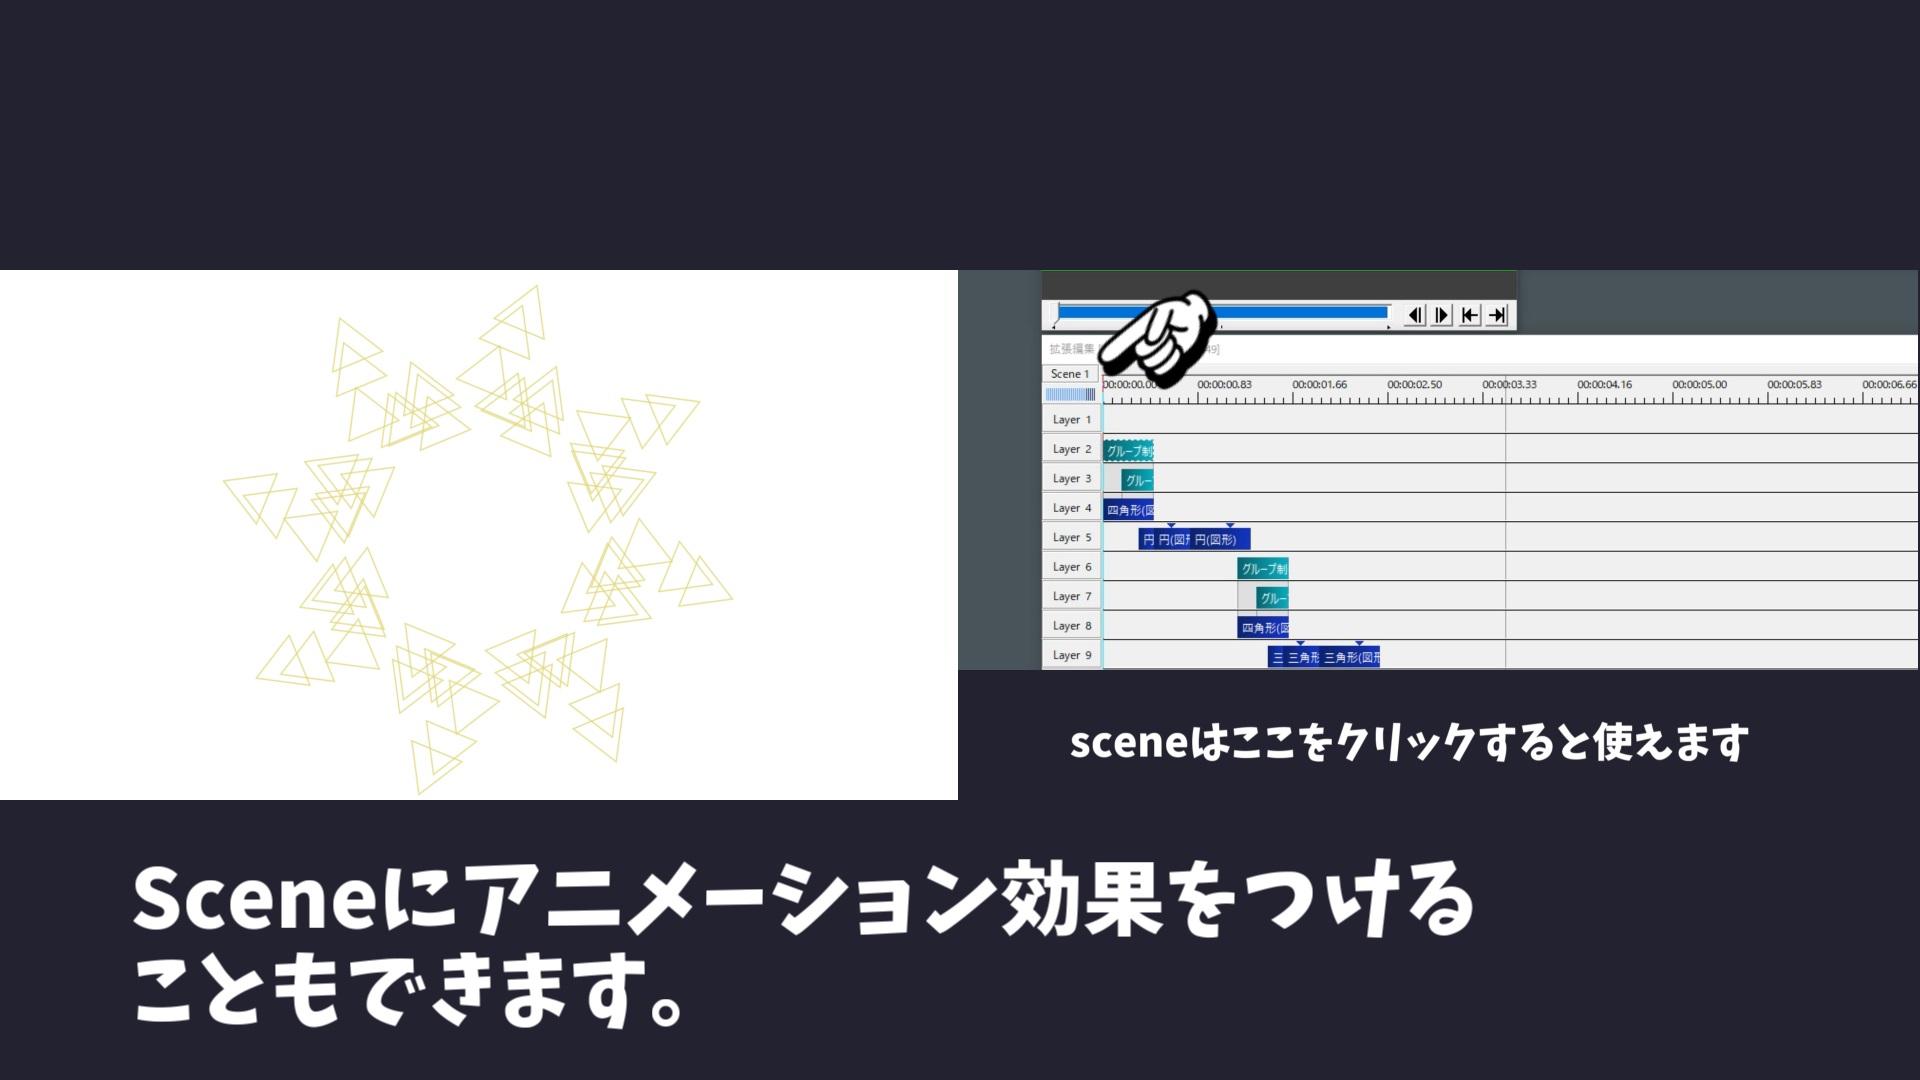 Sceneオブジェクトにはアニメーション効果をつけることもできます。